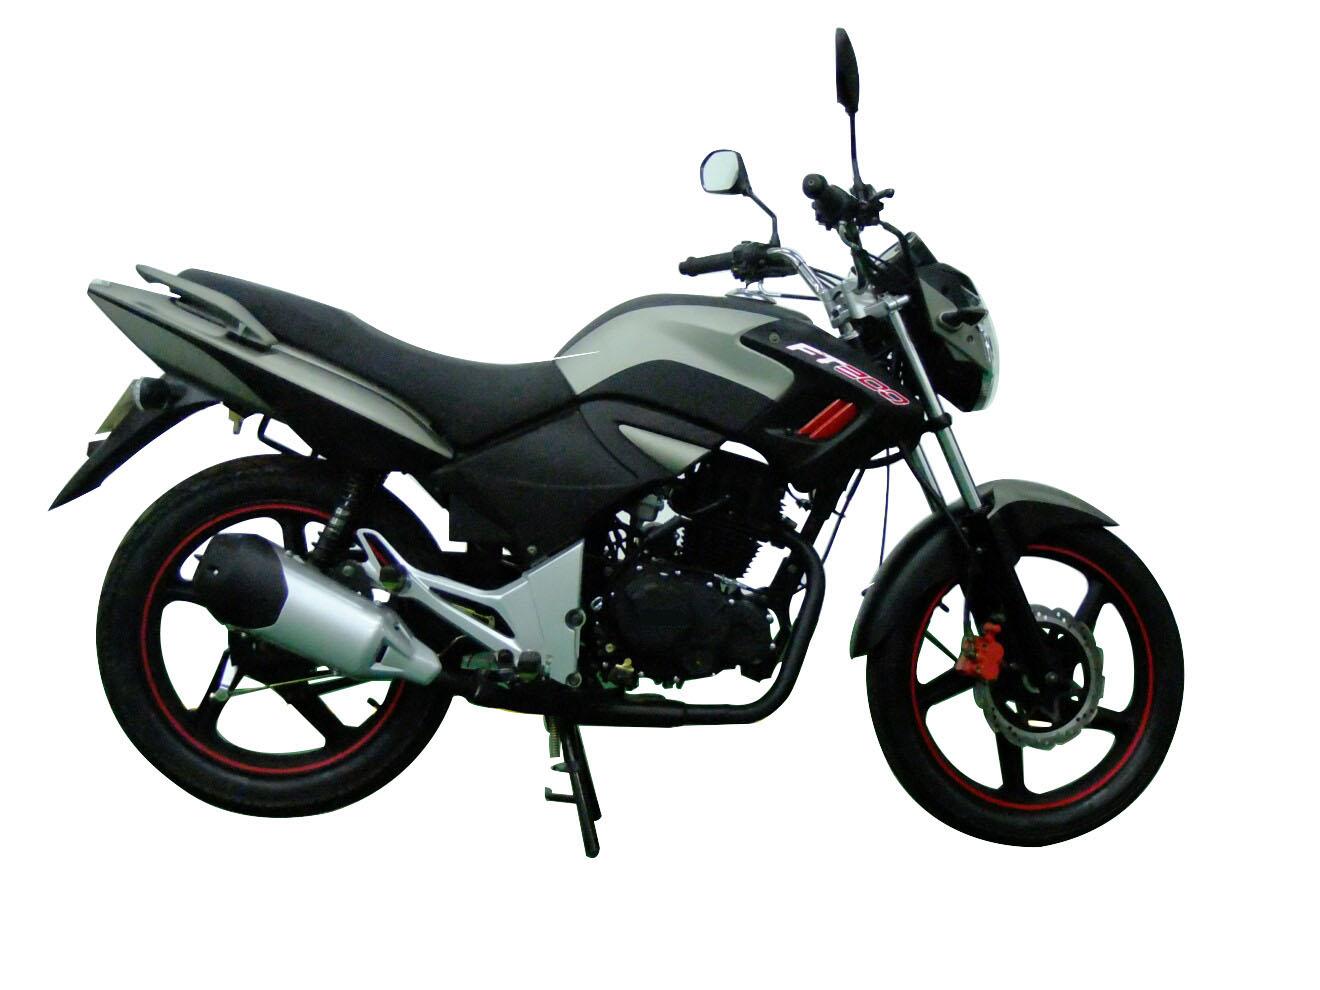 rusi motorcycle 125cc wiring diagram